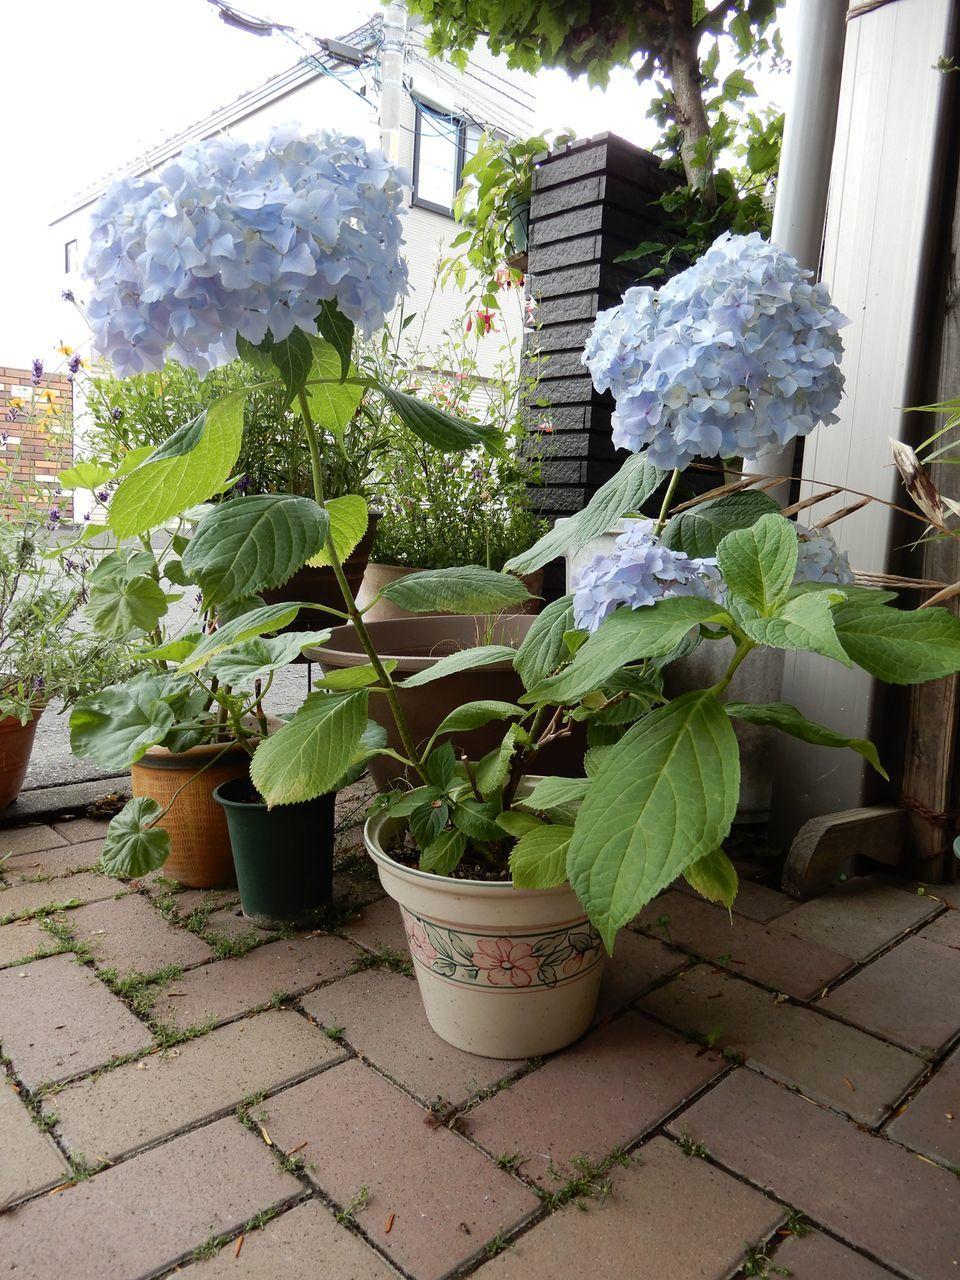 エアプランツの種子が熟した!?_c0025115_22482806.jpg